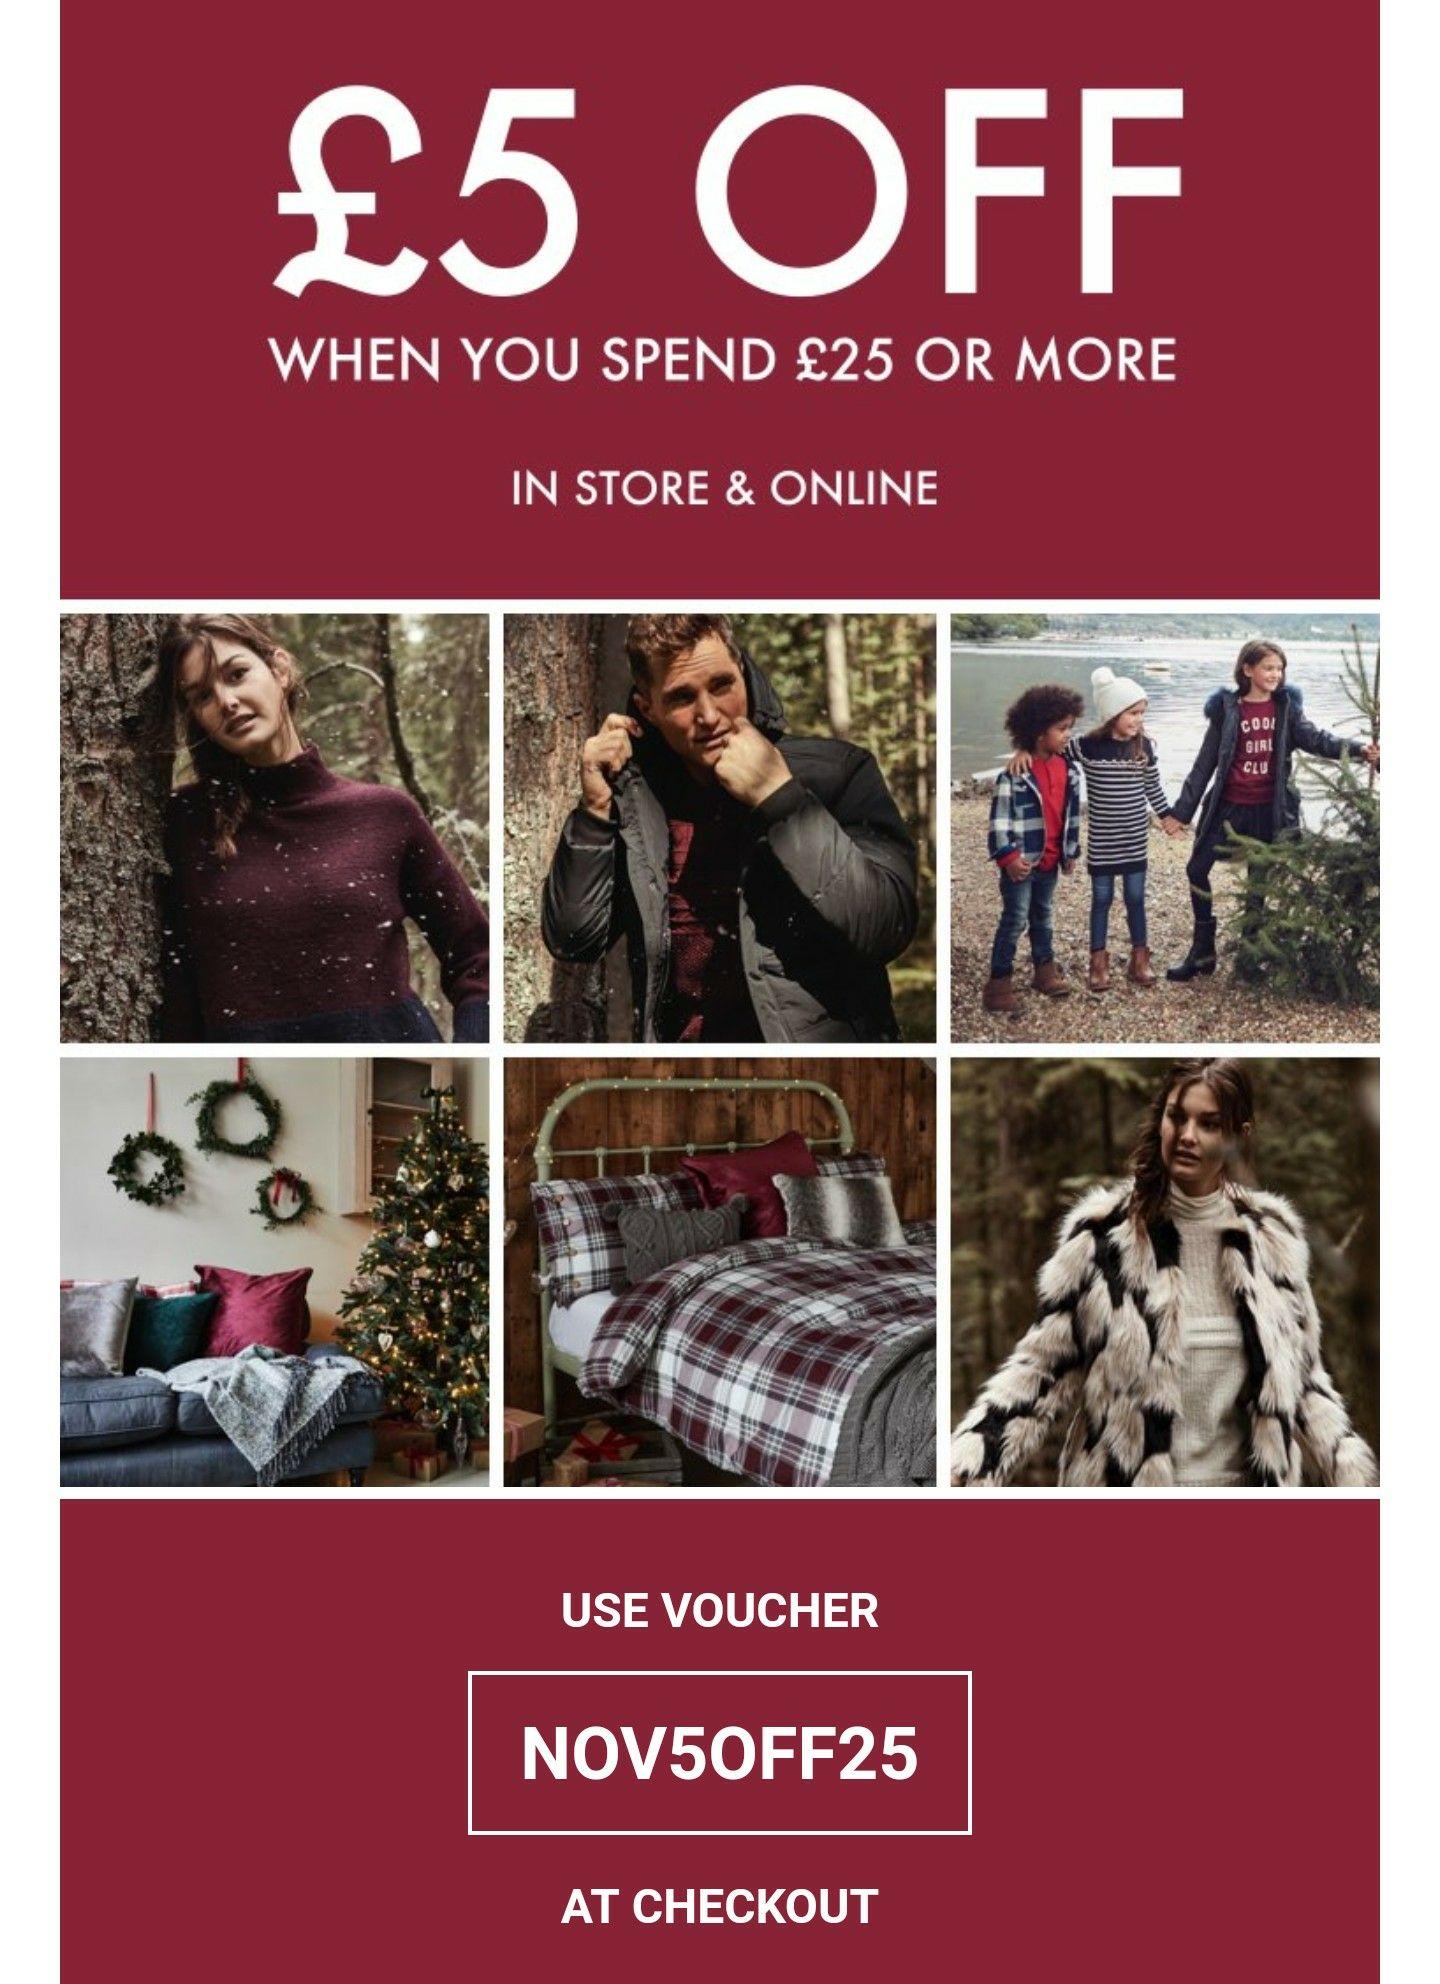 £5 off £25 @ Matalan using Metro voucher, NOV5OFF25 online code